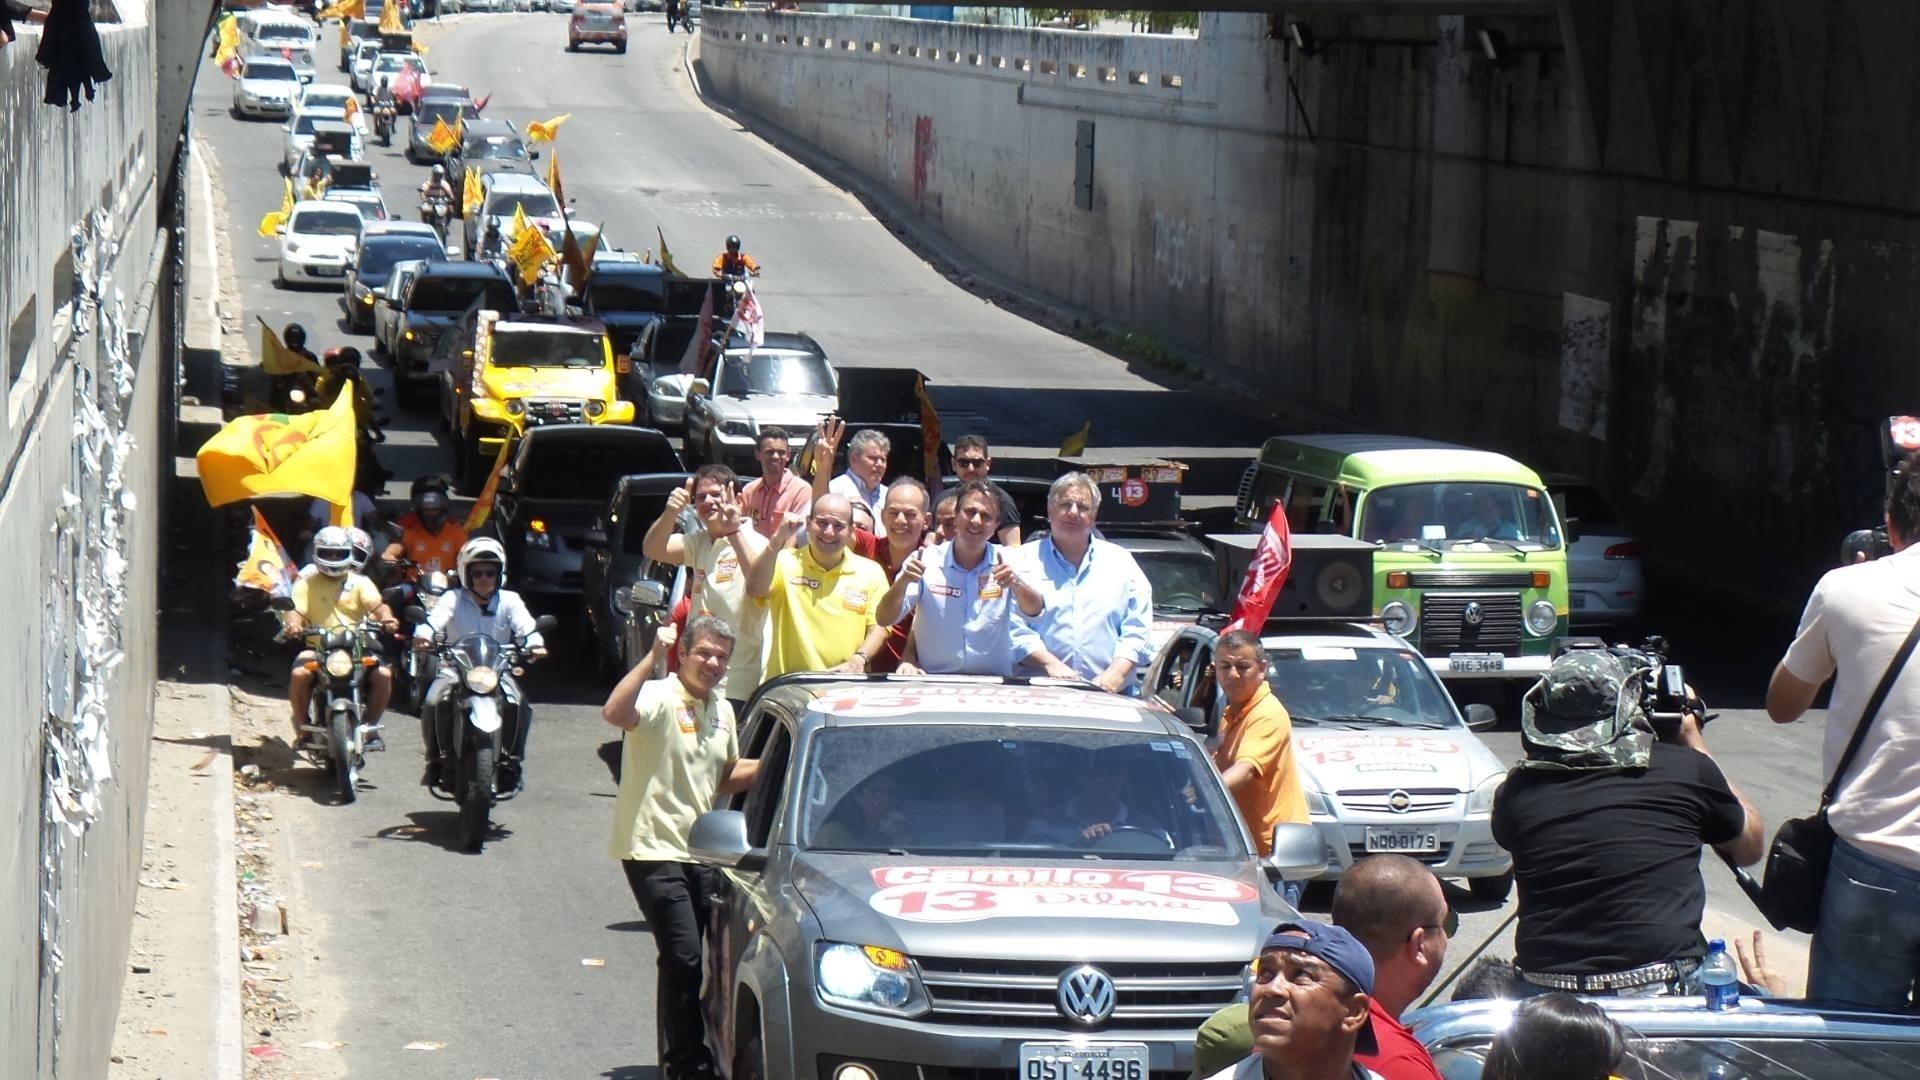 25.out.2014 - No último dia de campanha, o candidato do PT ao governo do Ceará, Camilo Santana, participa de carreata pelas ruas de Fortaleza. Ele lidera a última pesquisa de intenção de voto, divulgada pelo Datalha em 23 de outubro, com 57%. Eunício de Oliveira (PMDB) tem 43%